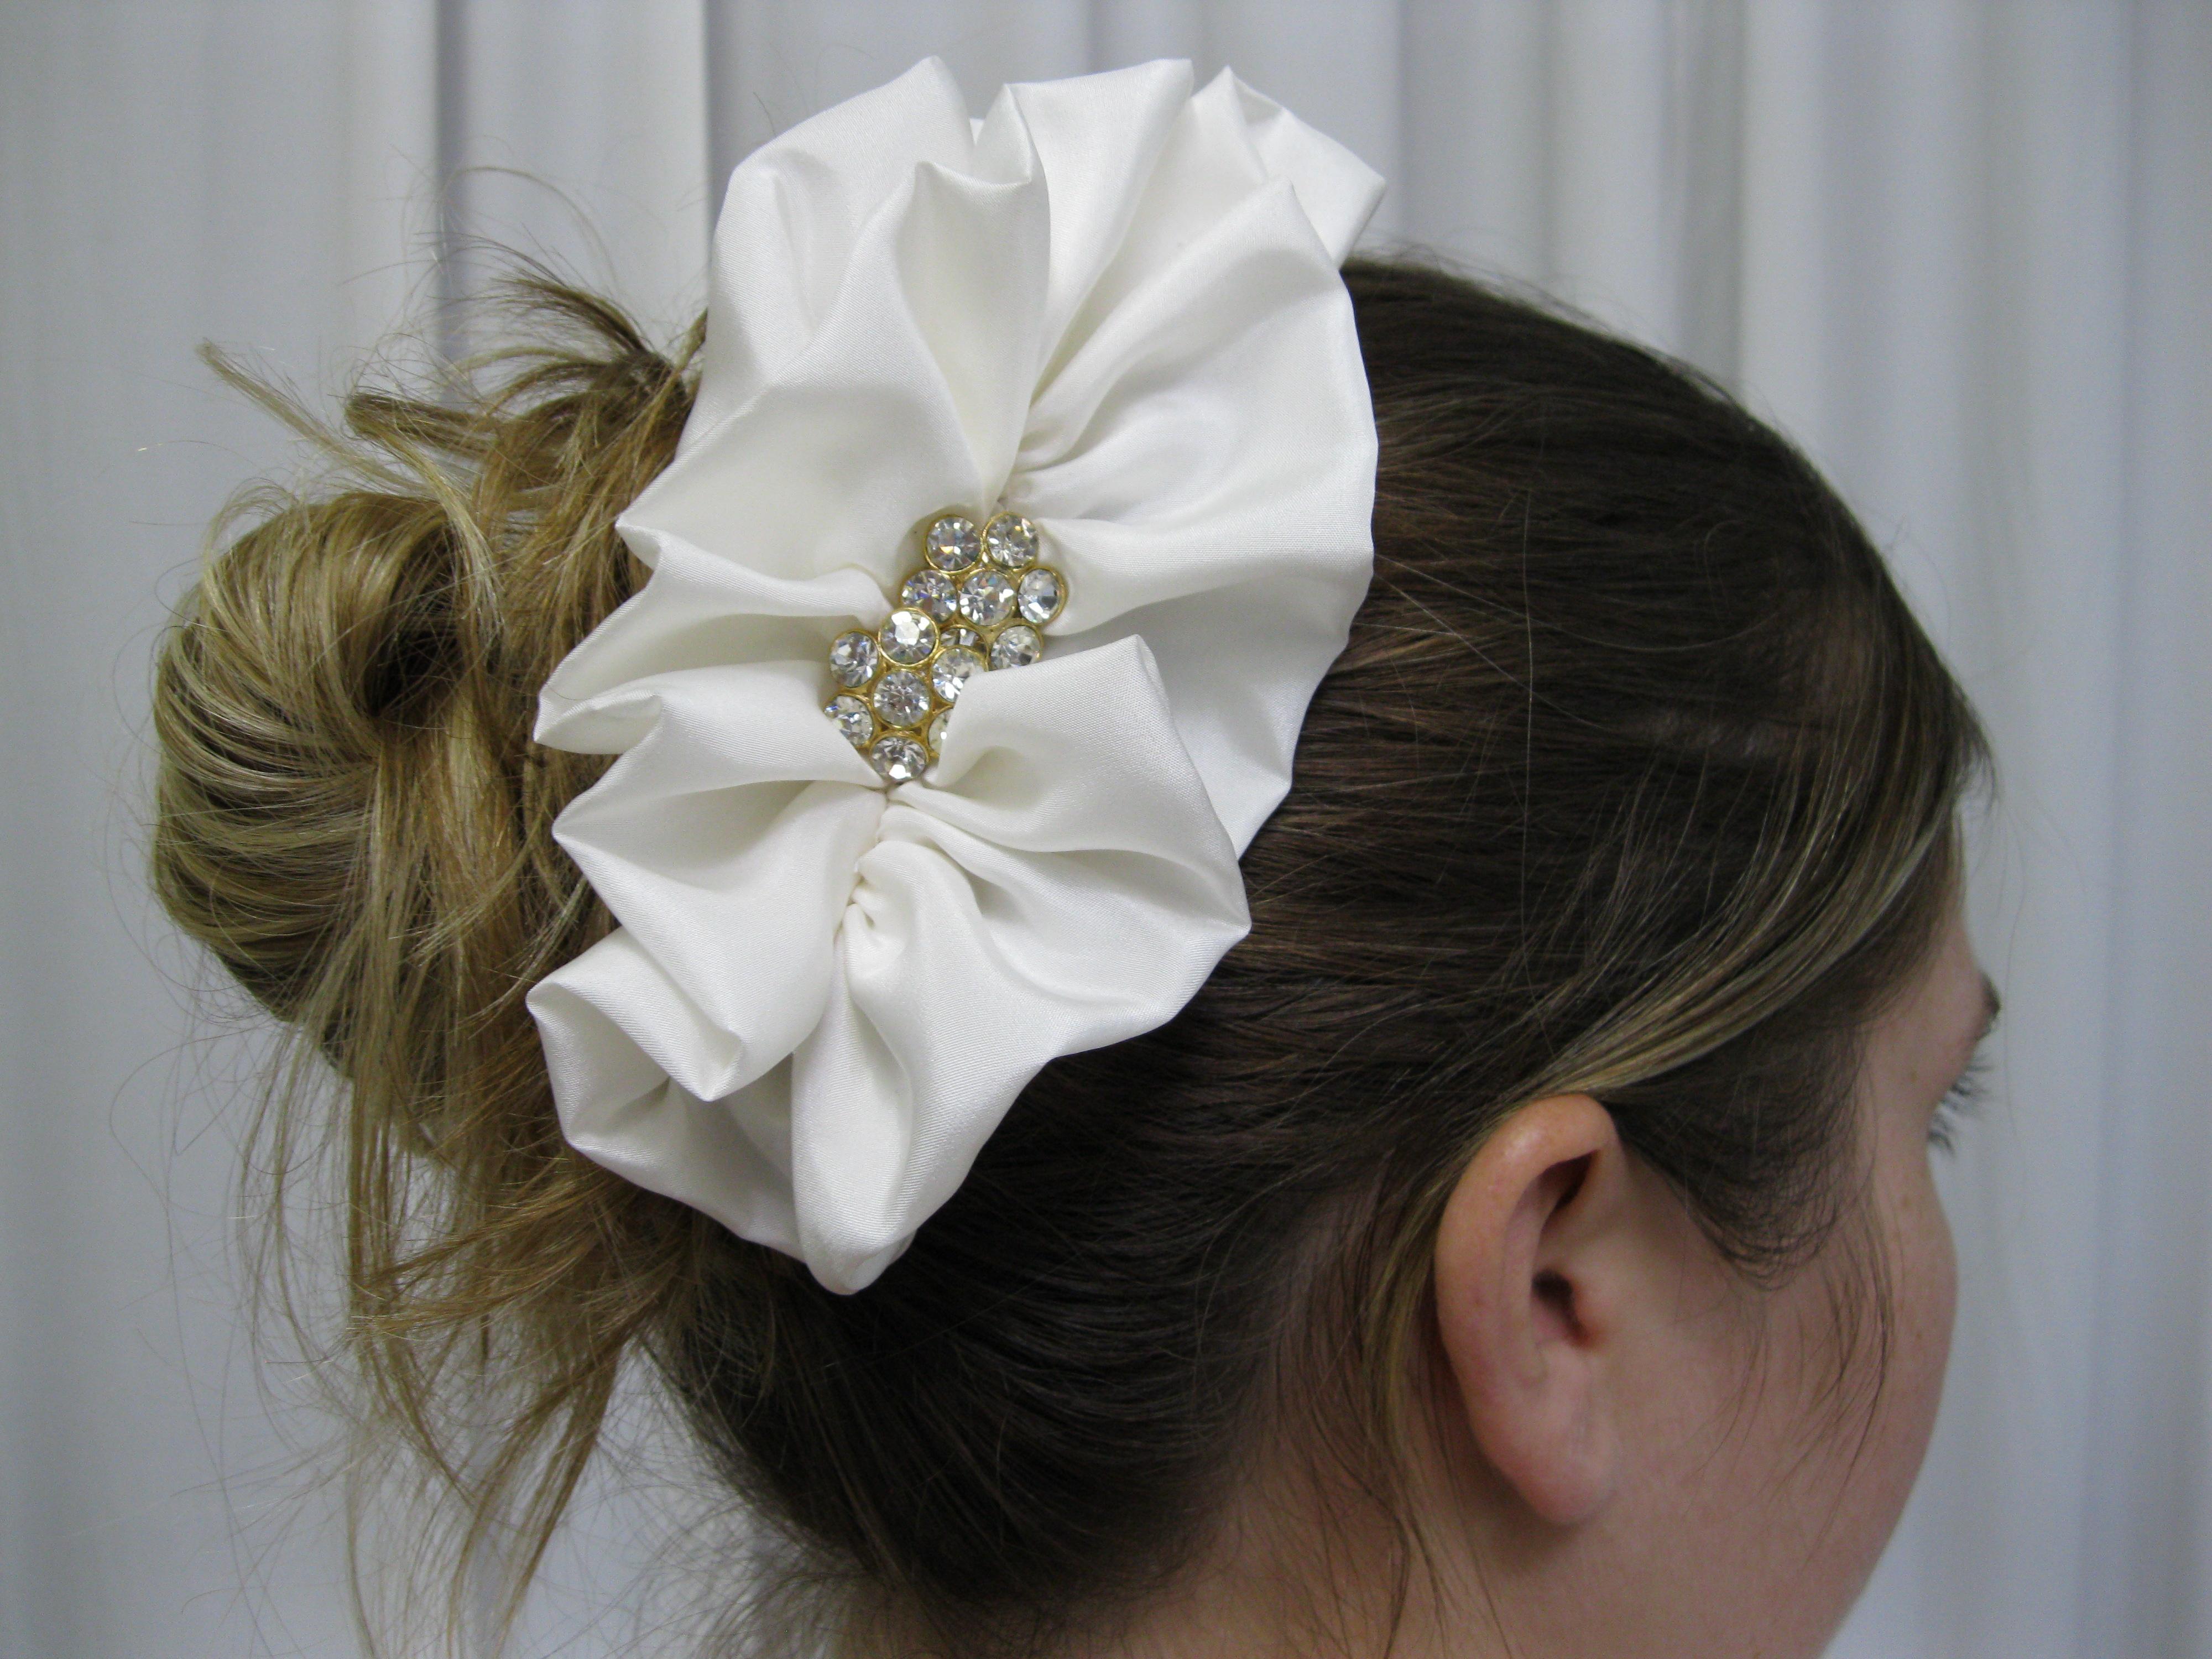 Decorative Bridal Hair Comb